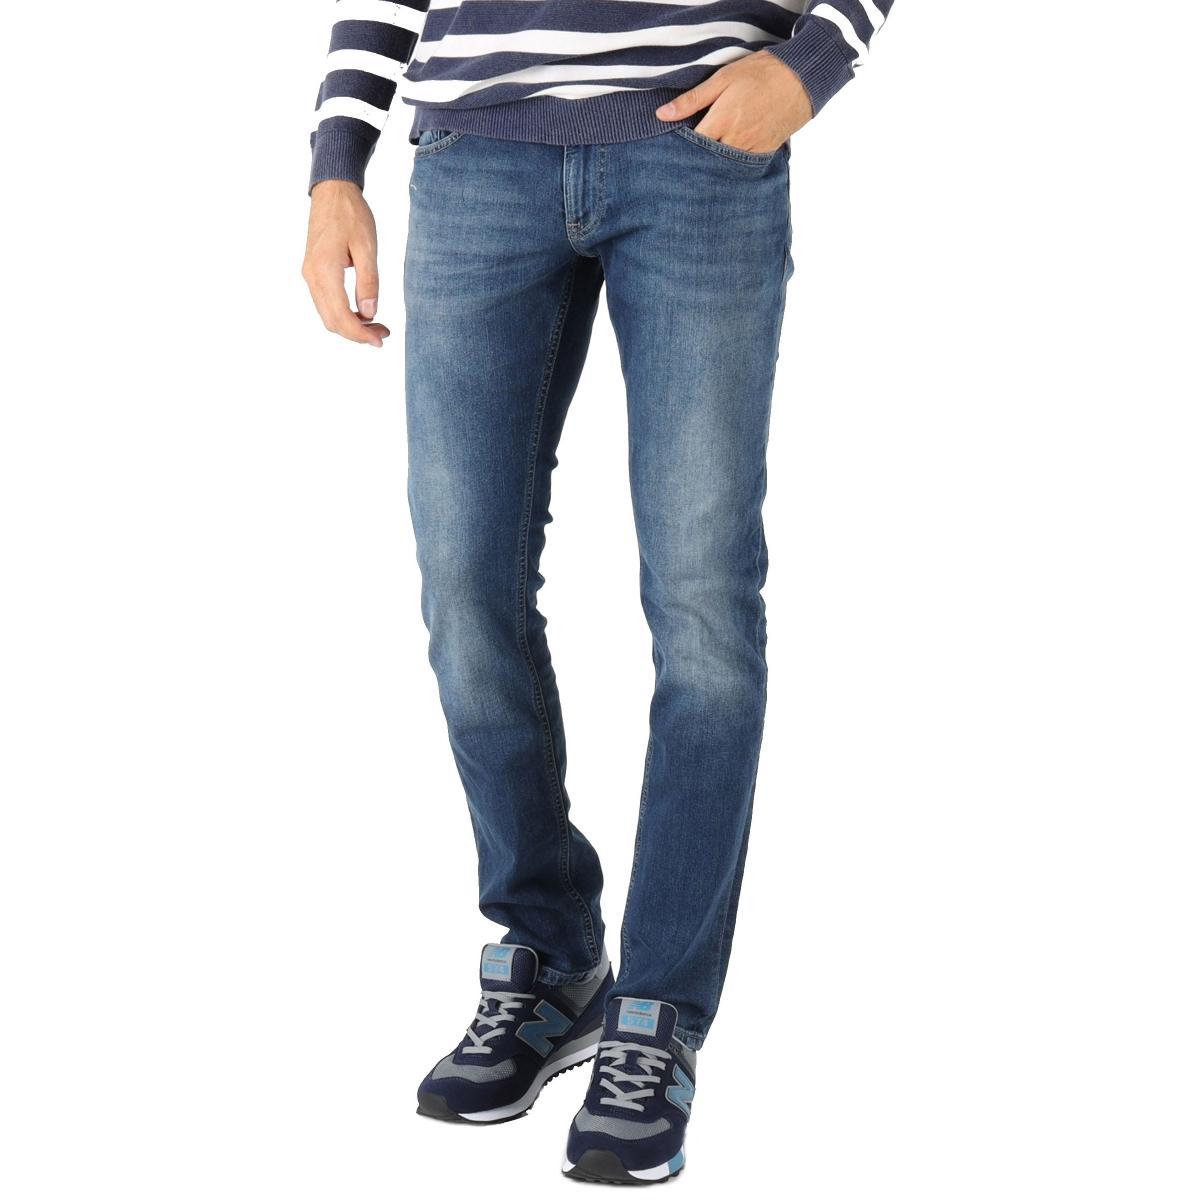 Jeans Tommy Hilfiger Jeans Scanton FRDK, 911 da uomo rif. DM0DM06610